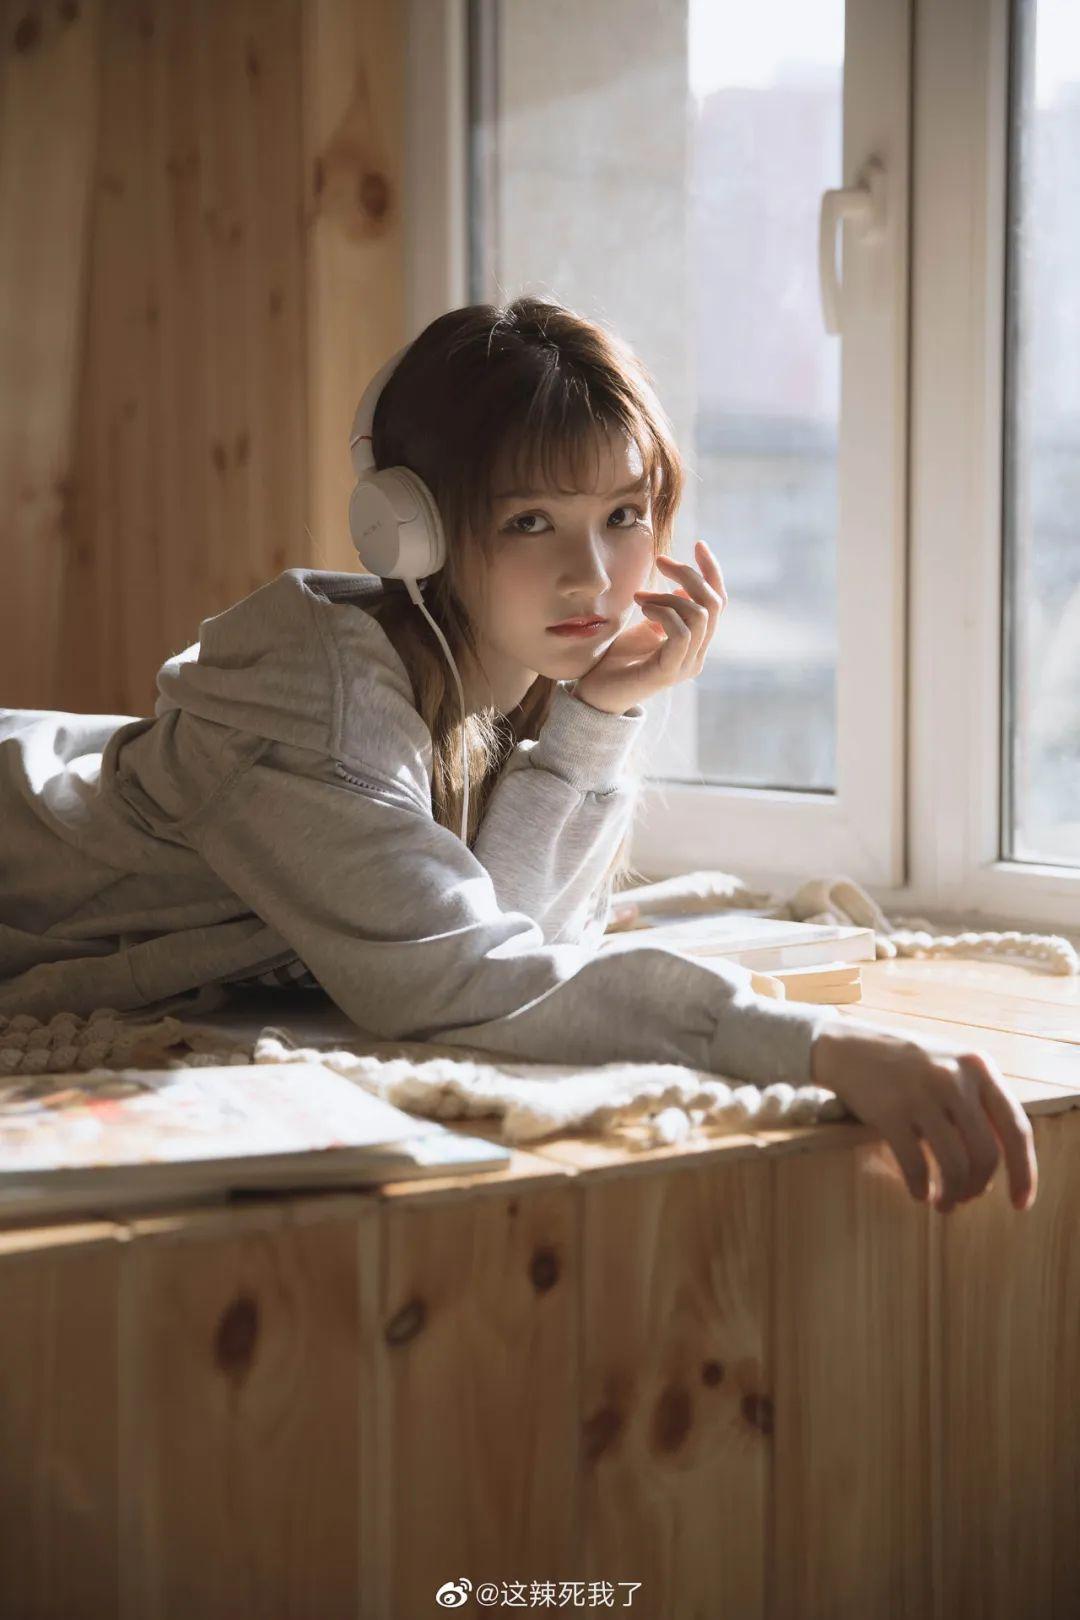 妹子摄影 – 爱学习的邻家女孩,卫衣搭配格子连衣裙_图片 No.3